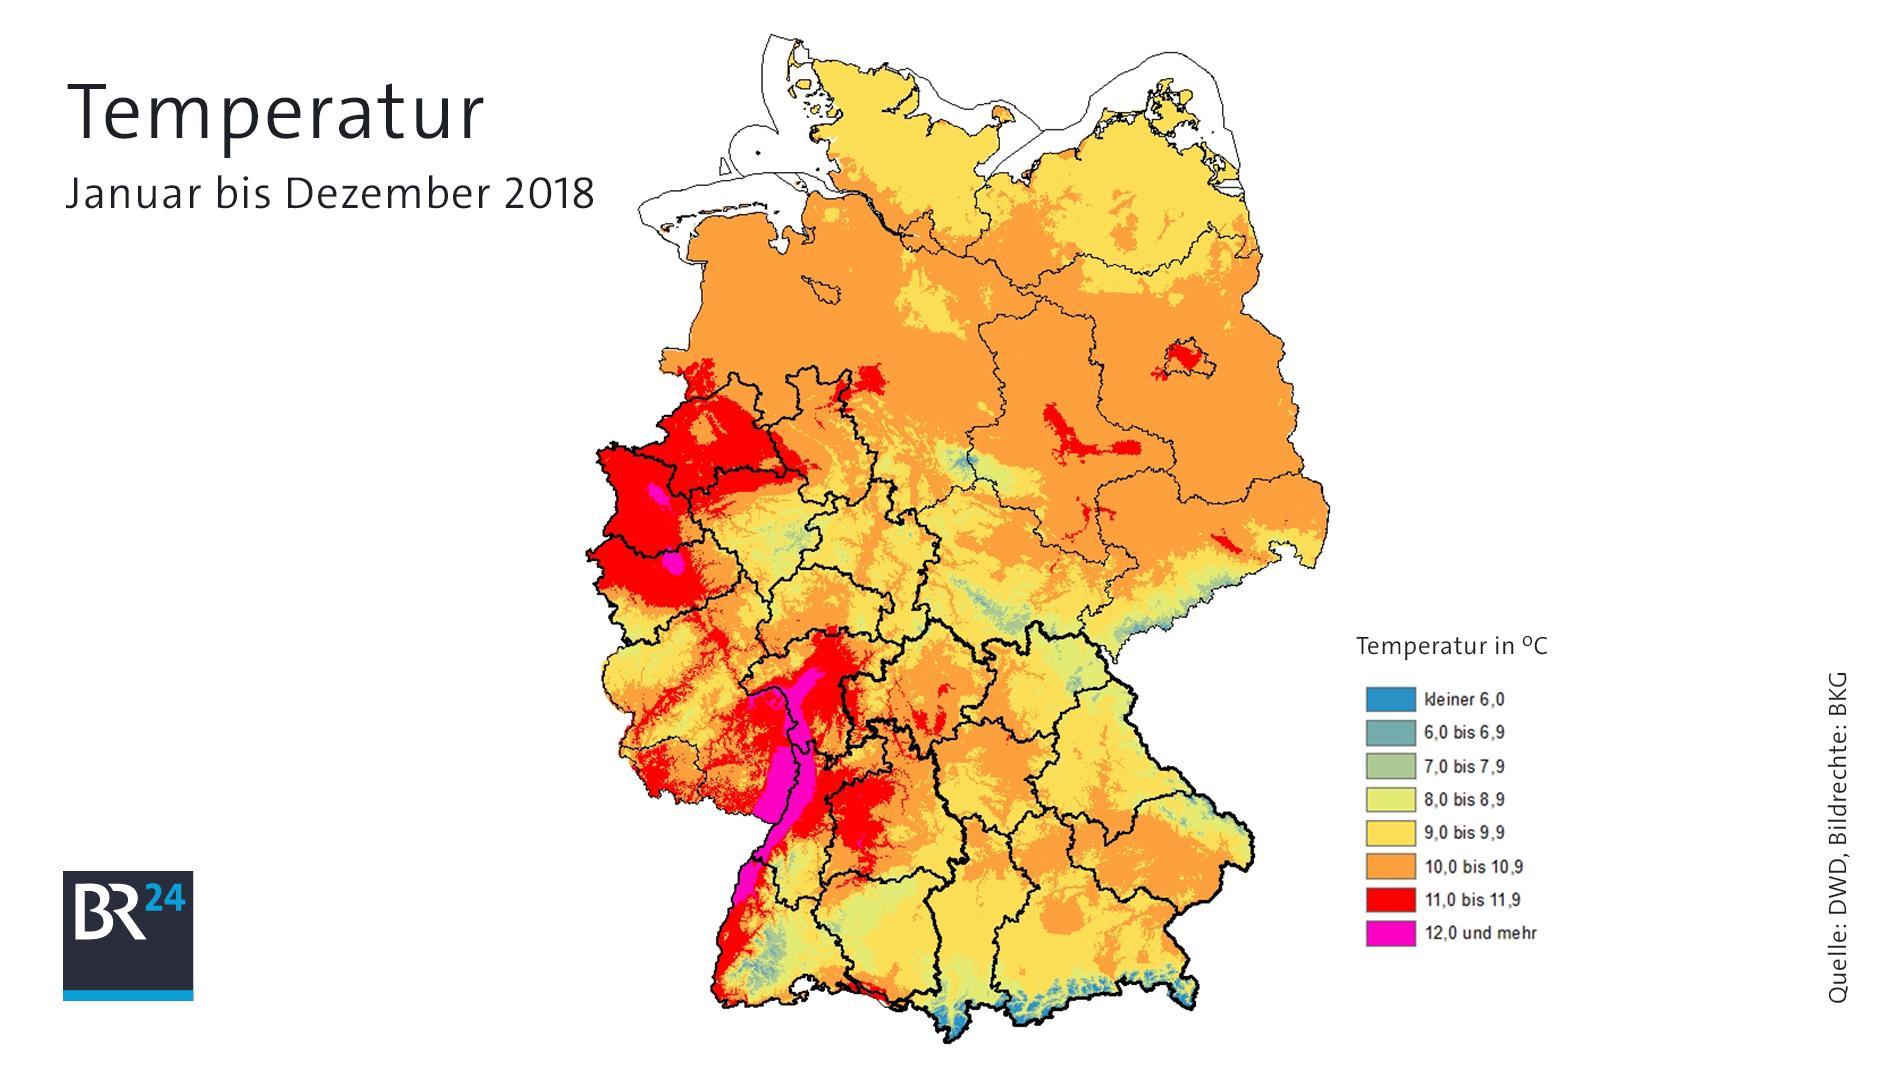 Jahresdurchschnittstemperaturen in Deutschland (Dezember geschätzt)